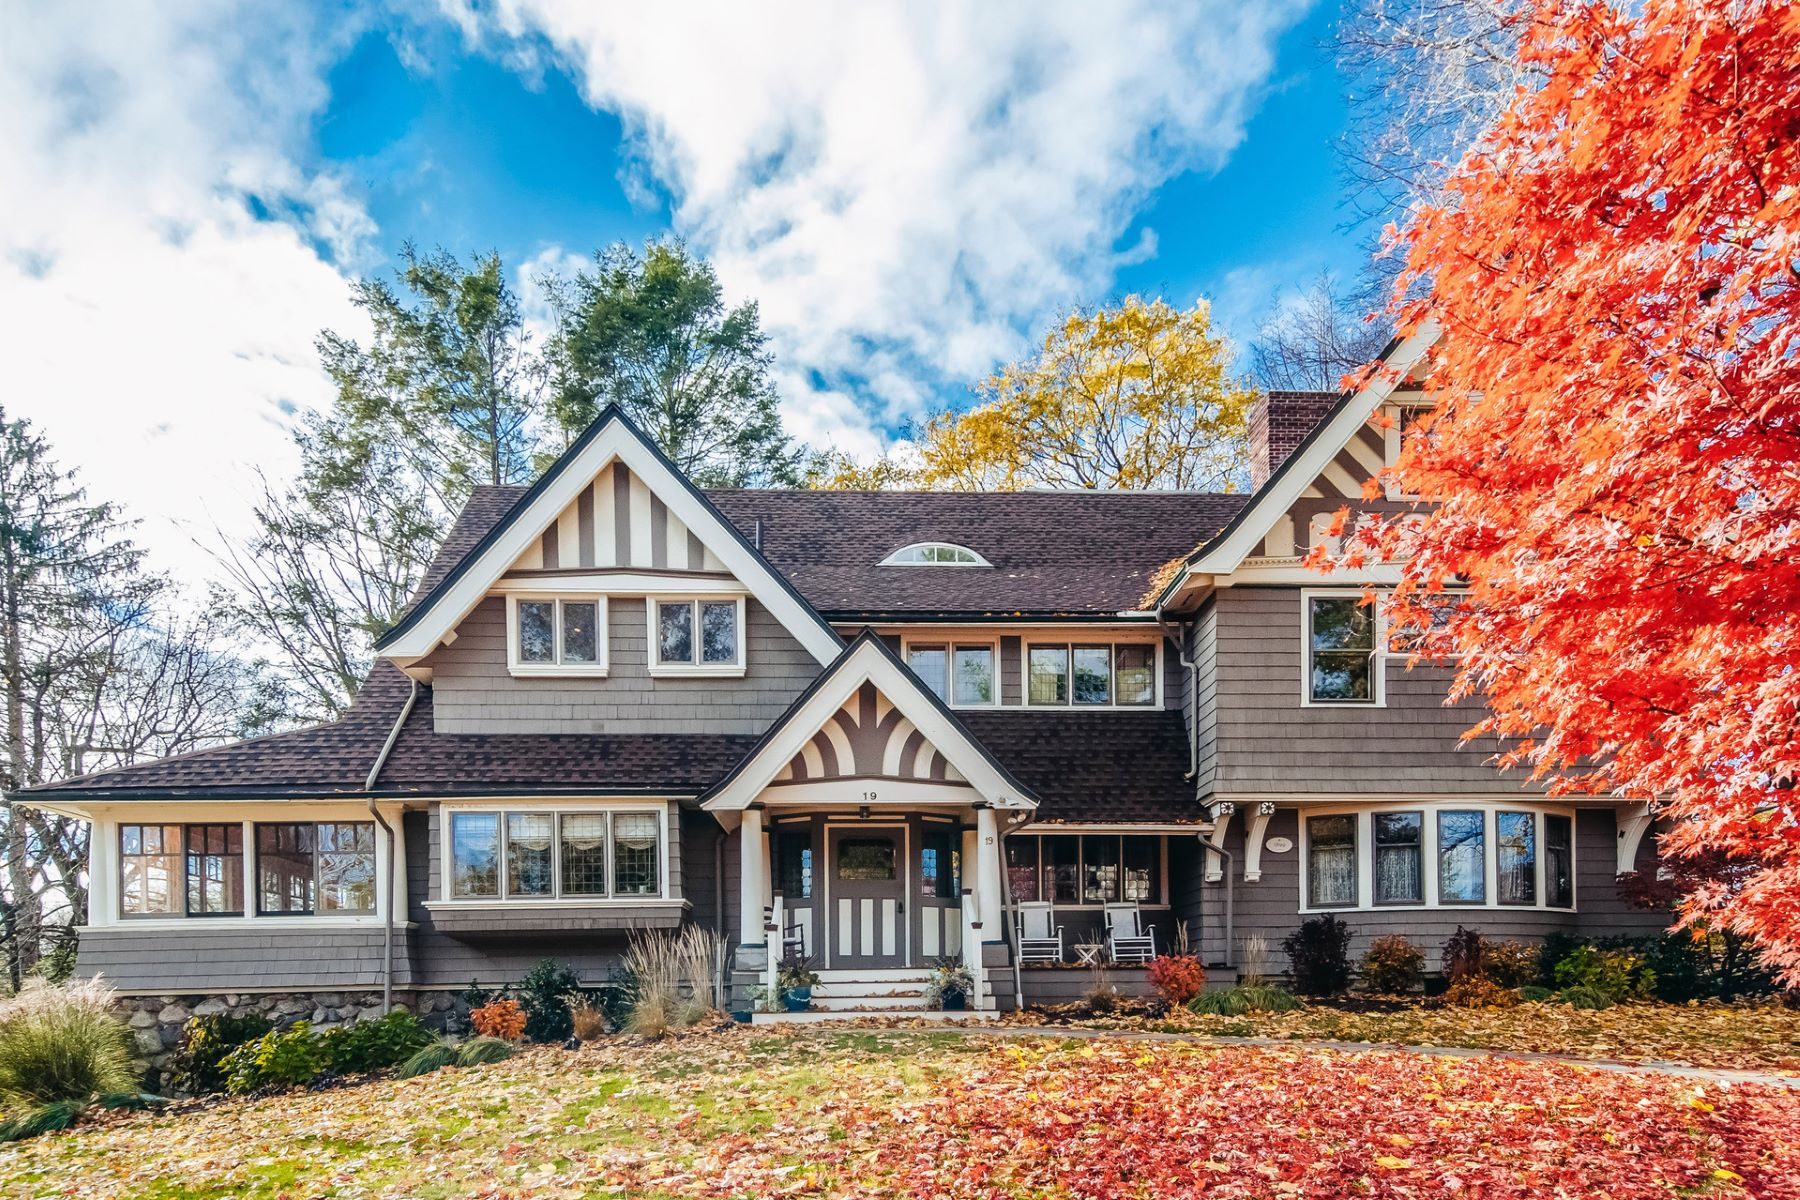 Частный односемейный дом для того Продажа на 19 Burnham Road, Newton 19 Burnham Rd Newton, Массачусетс 02465 Соединенные Штаты